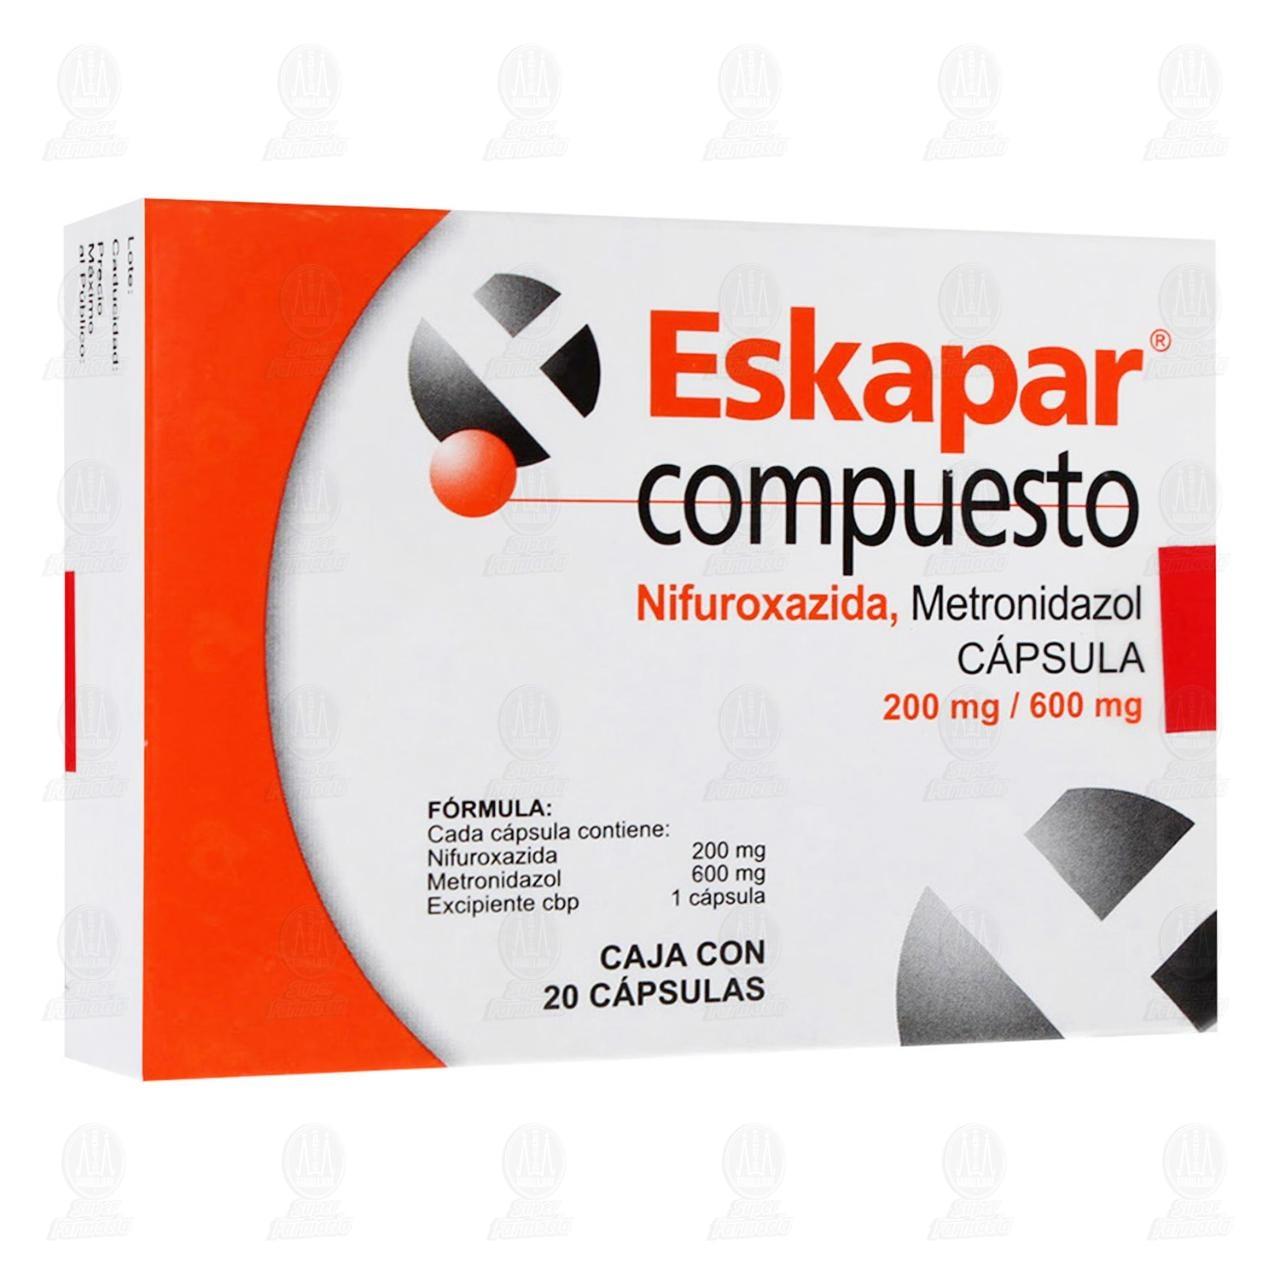 Comprar Eskapar Compuesto 200mg/600mg 20 Cápsulas en Farmacias Guadalajara